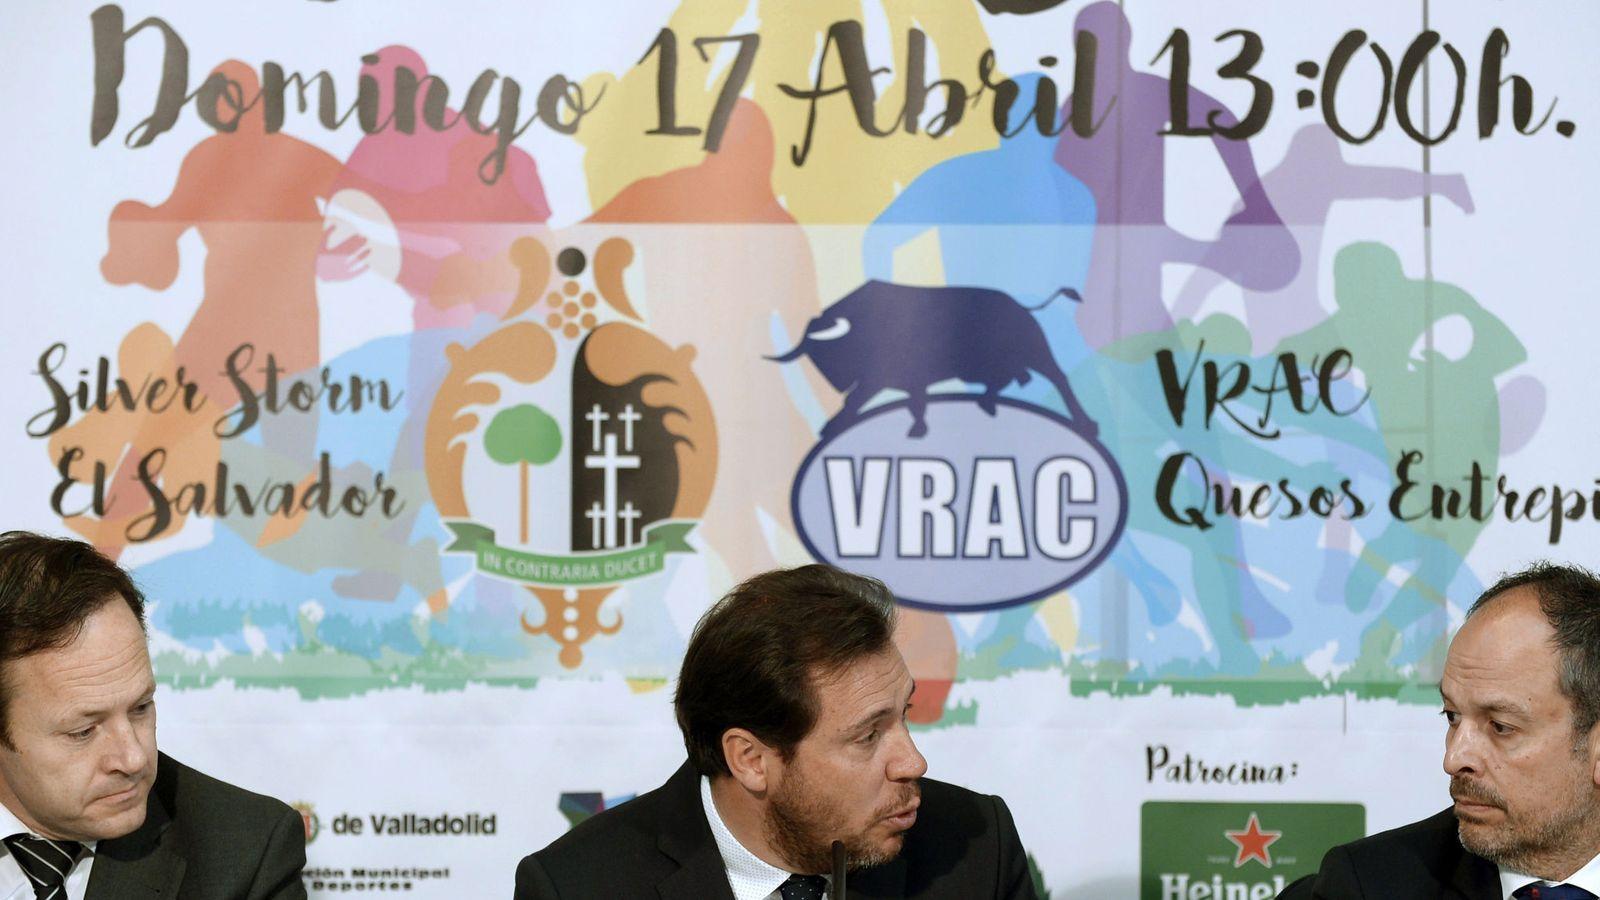 Foto: Imagen de la presentación de la final de la Copa del Rey (Nacho Gallego/EFE)